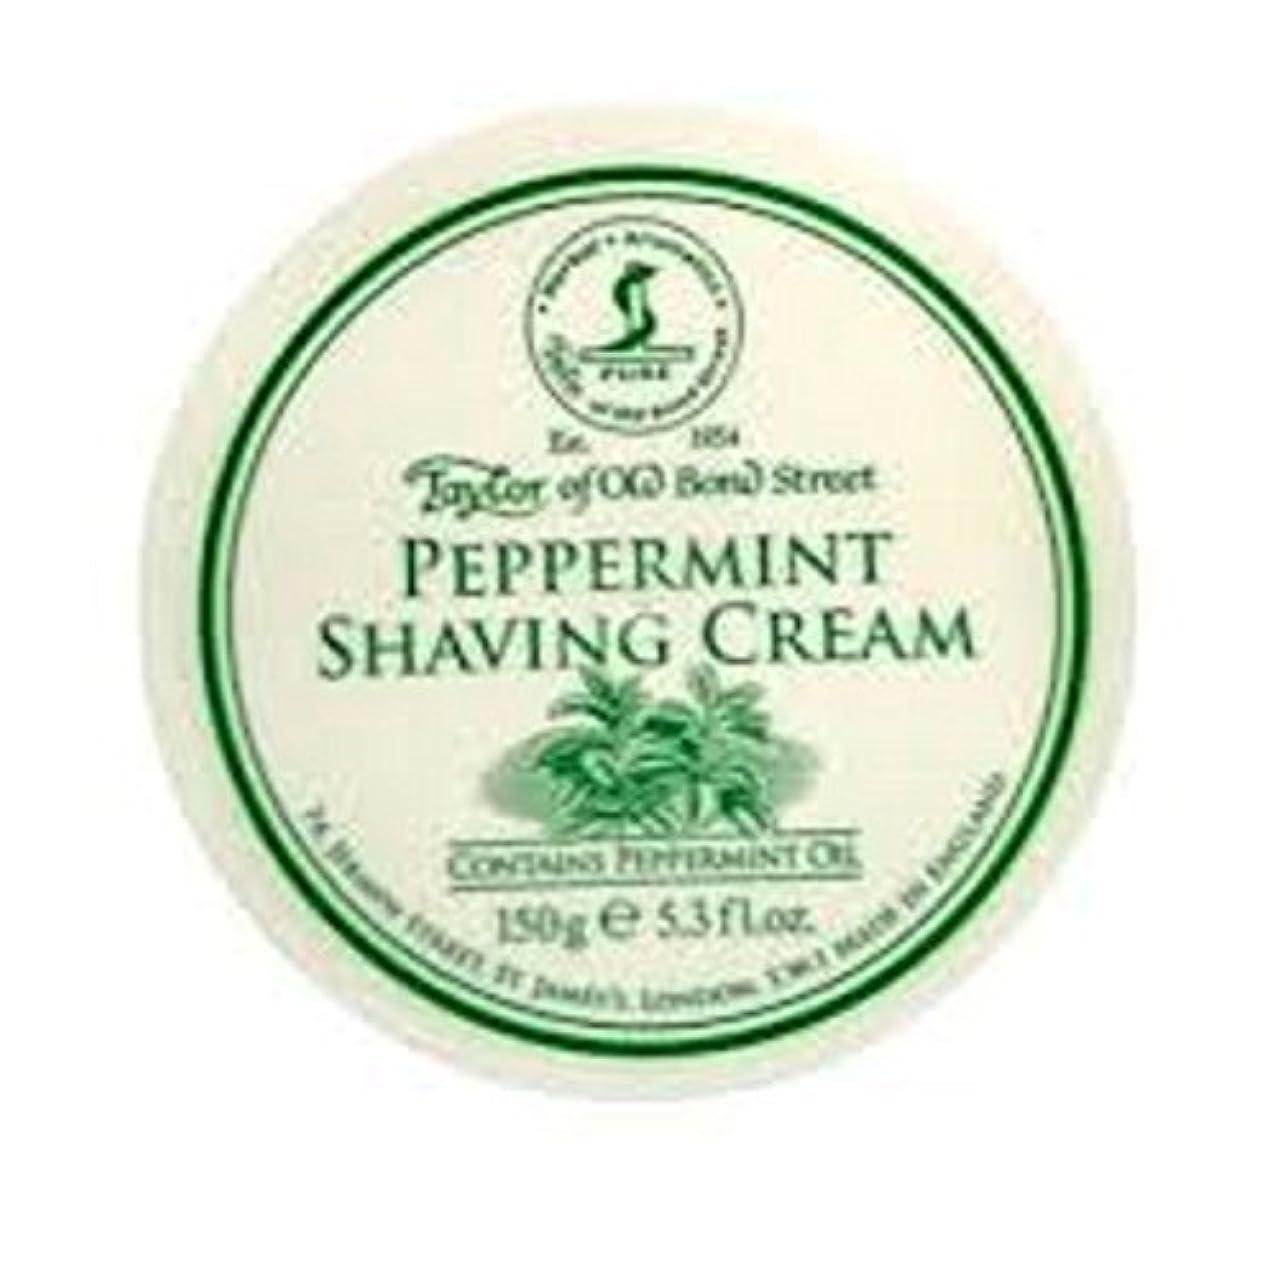 高層ビル暗くするレンディションTaylors of Old Bond Street 150g Traditional Shaving Cream Tub (Peppermint) by Taylor of Old Bond Street